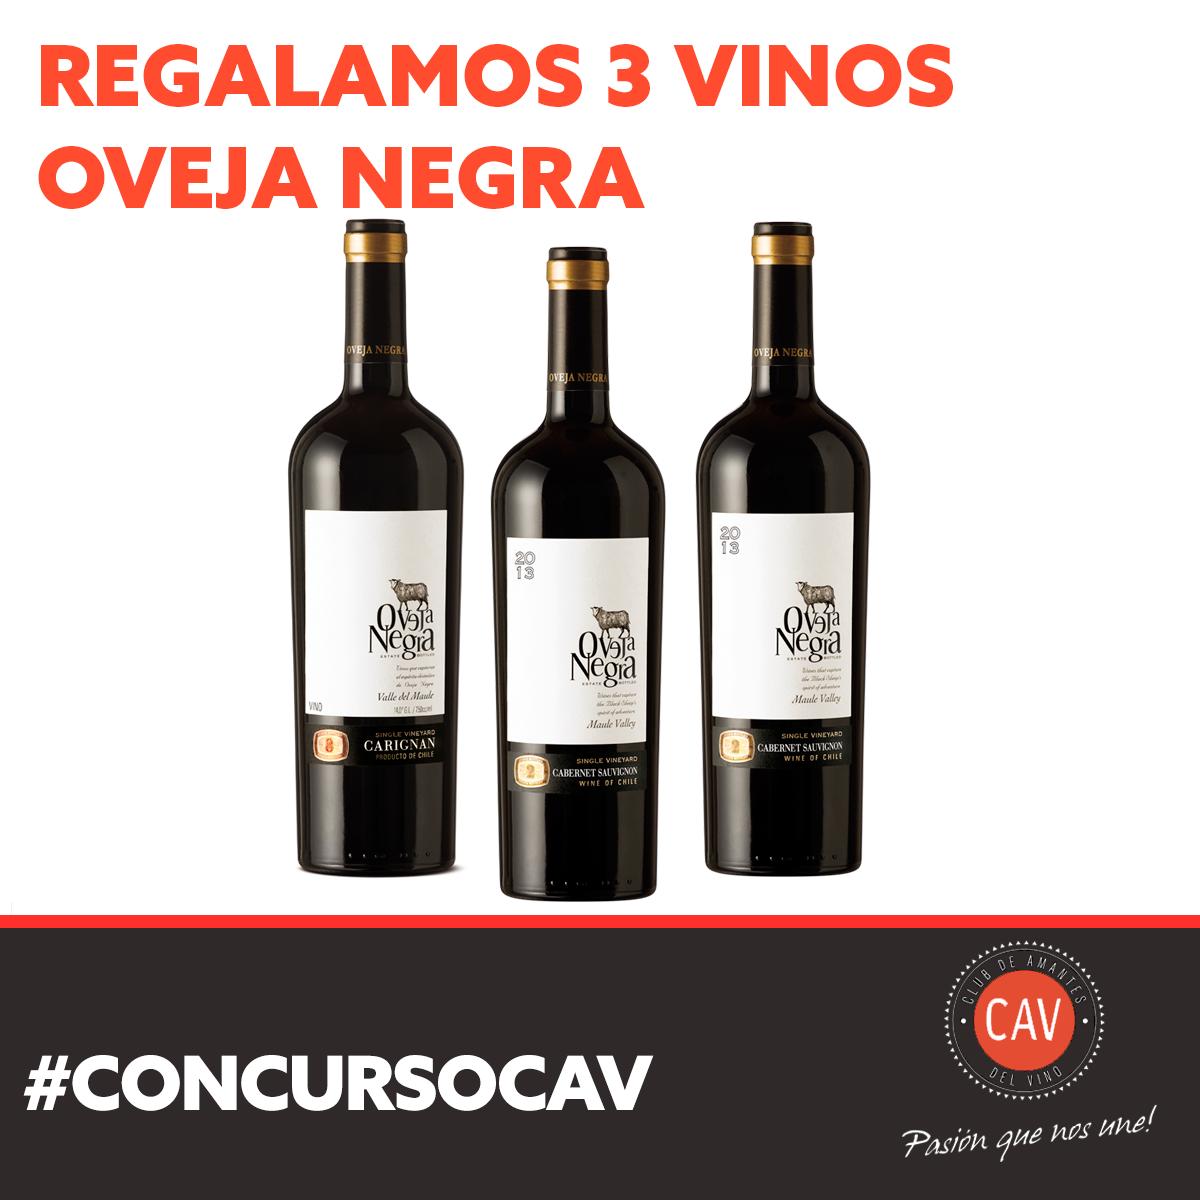 #CONCURSOCAV [RT Y FAVORITO] Ya estarás participando por tres #Vinos #OvejaNegra.Para participar debes seguirnos http://t.co/K4ul7RBQr8